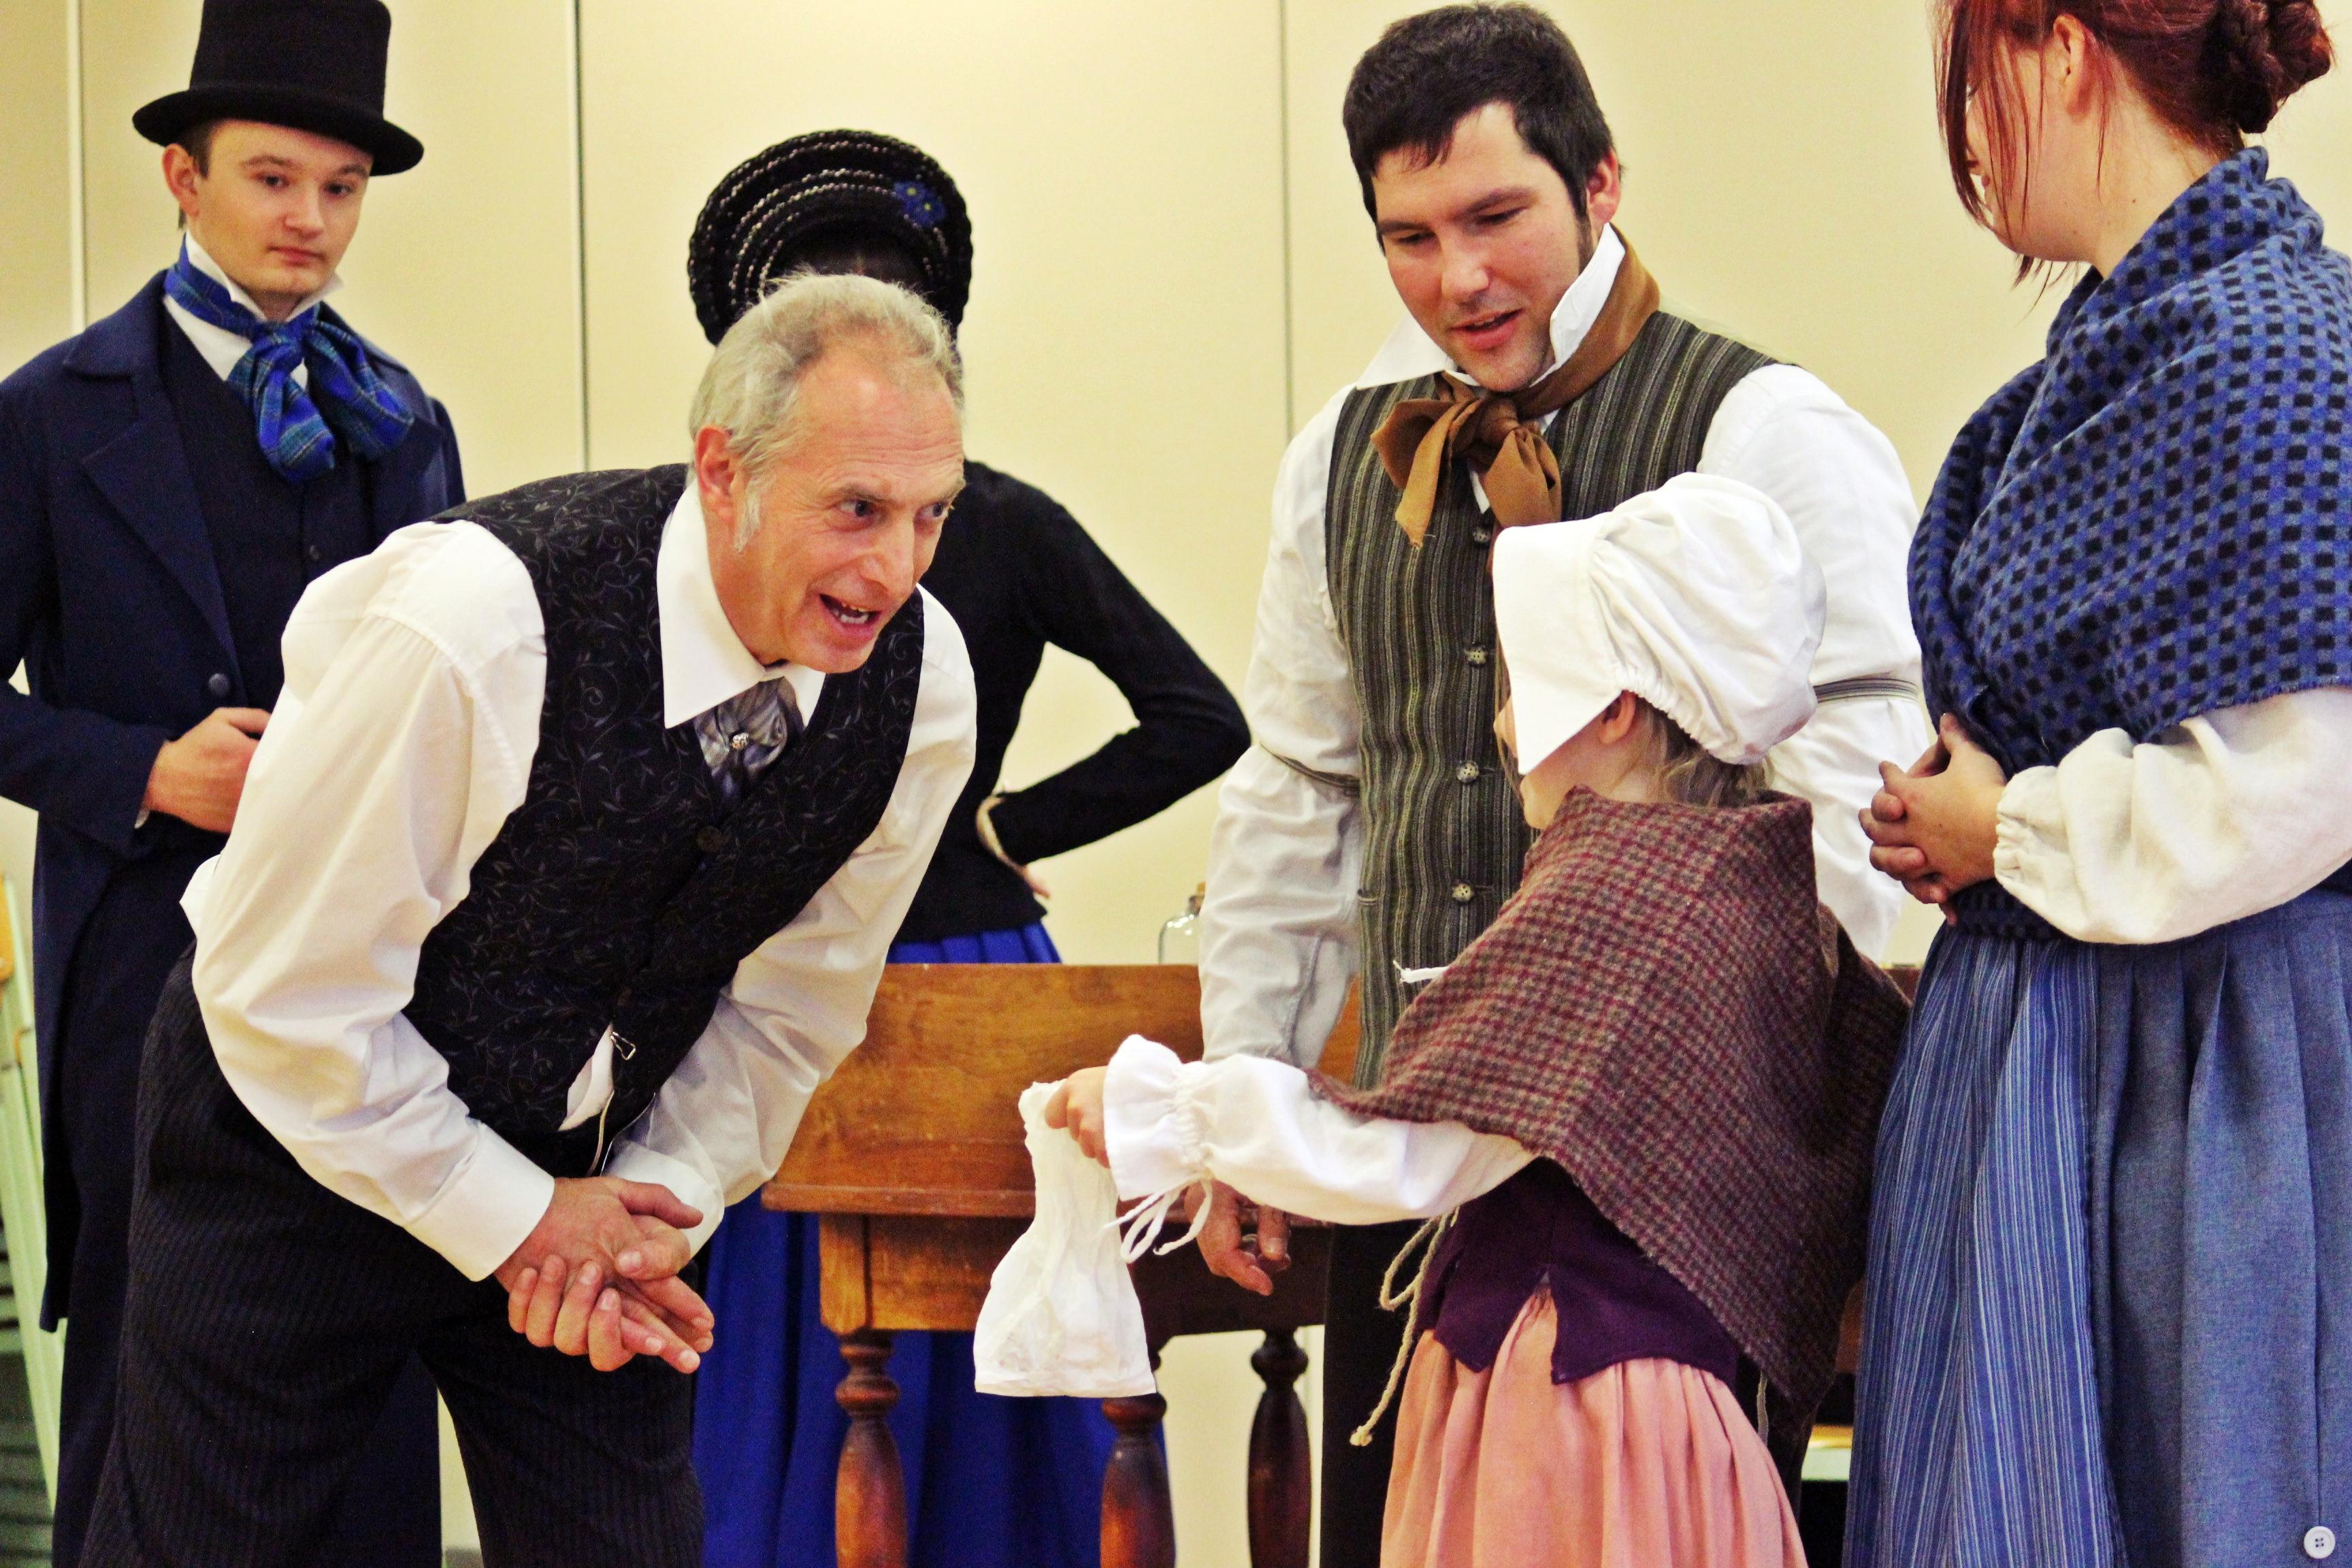 """Das OVIGO-Ensemble kommt zum Abschluss des Kunstherbstes mit einer Theaterfassung des Charles-Dickens-Klassikers """"A Christmas Carol"""" nach Neunburg. Foto: Ovigo/Wein"""